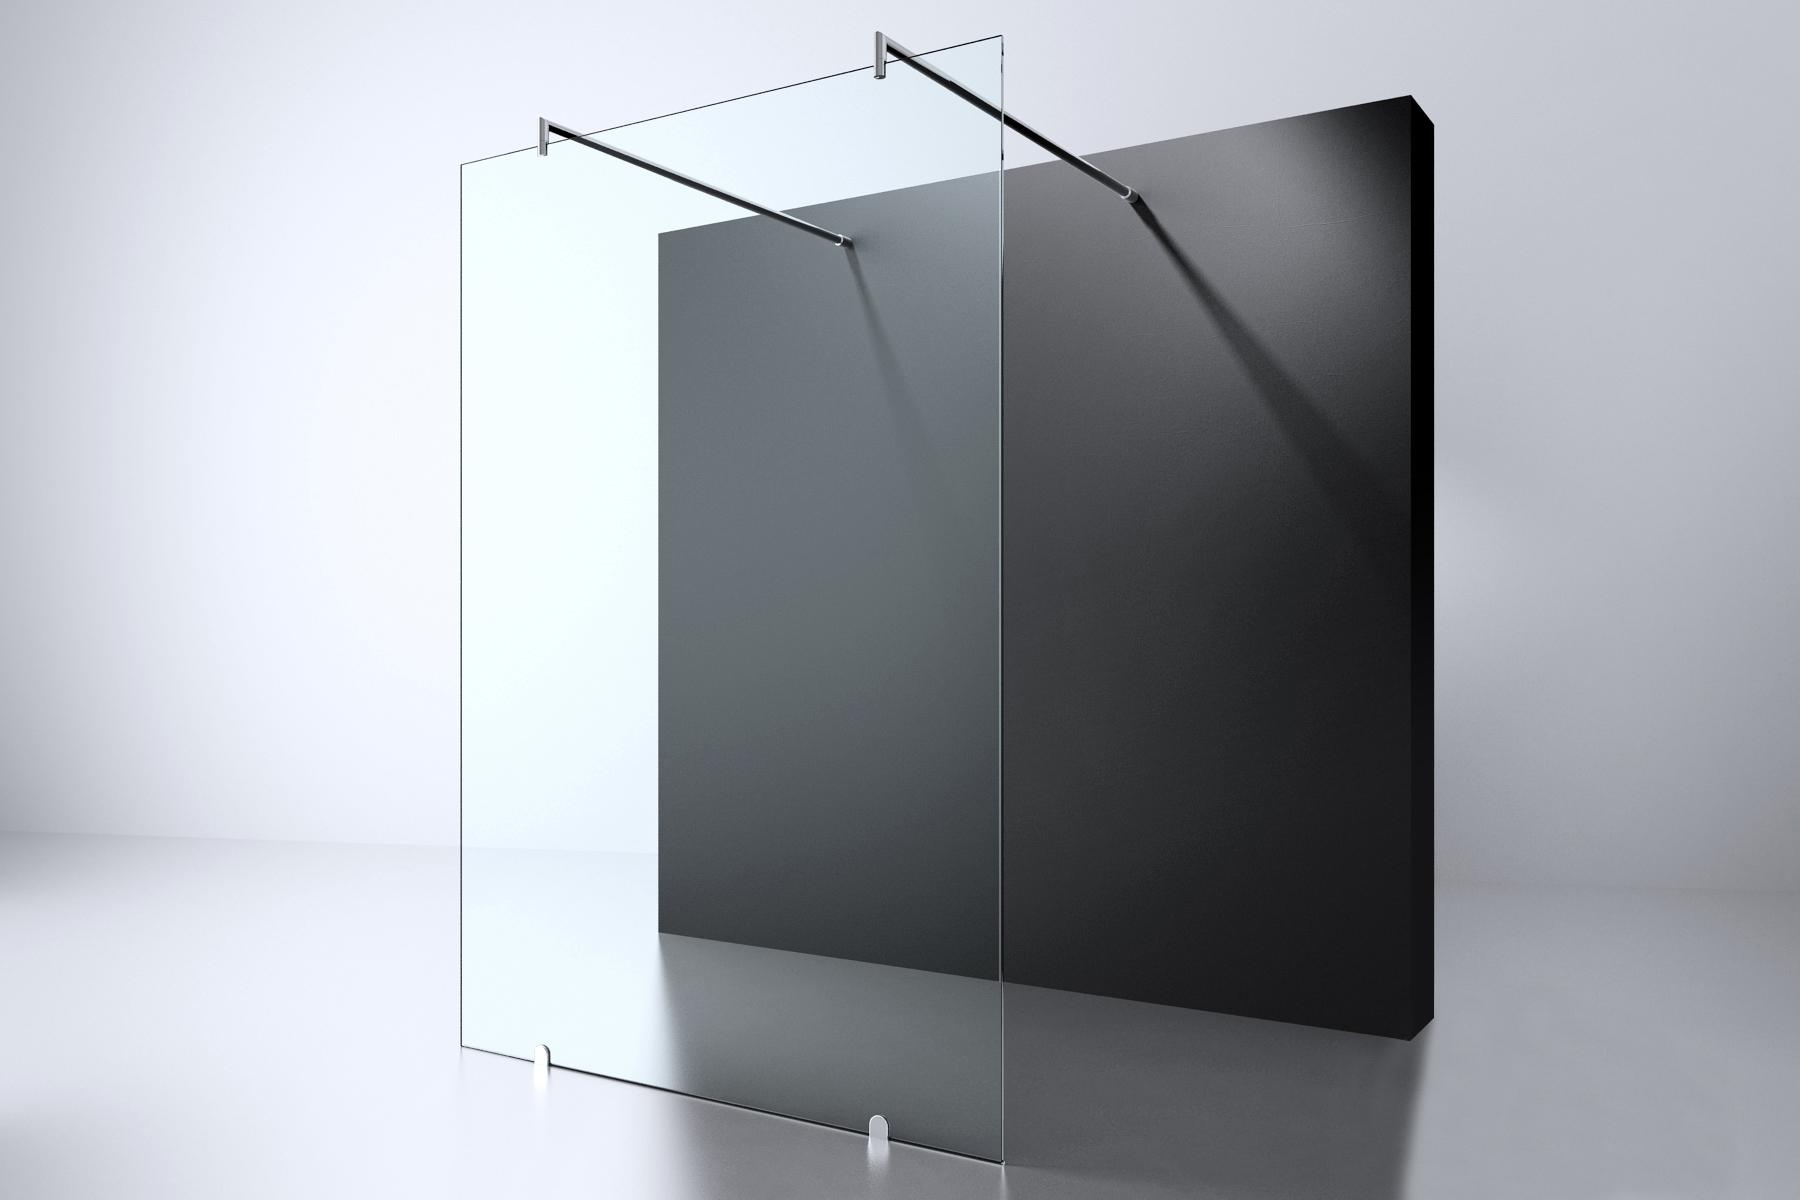 Best Design Erico vrijstaande douchewand 120x200cm ANTI-KALK